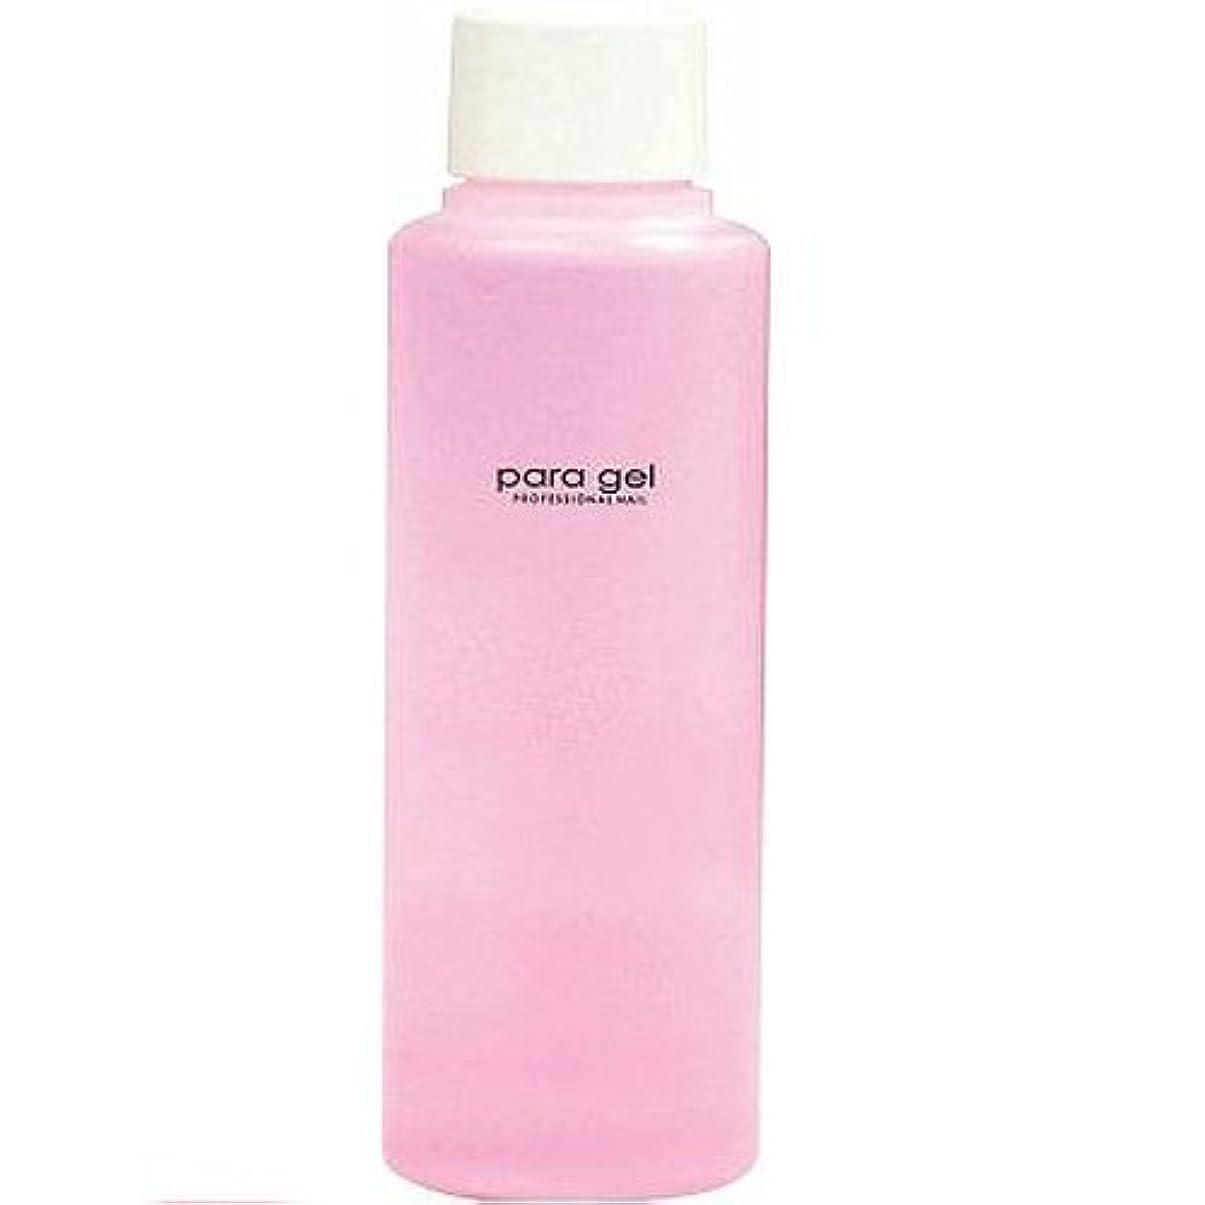 強制バブル積分パラジェル(para gel) パラリムーバー 120ml